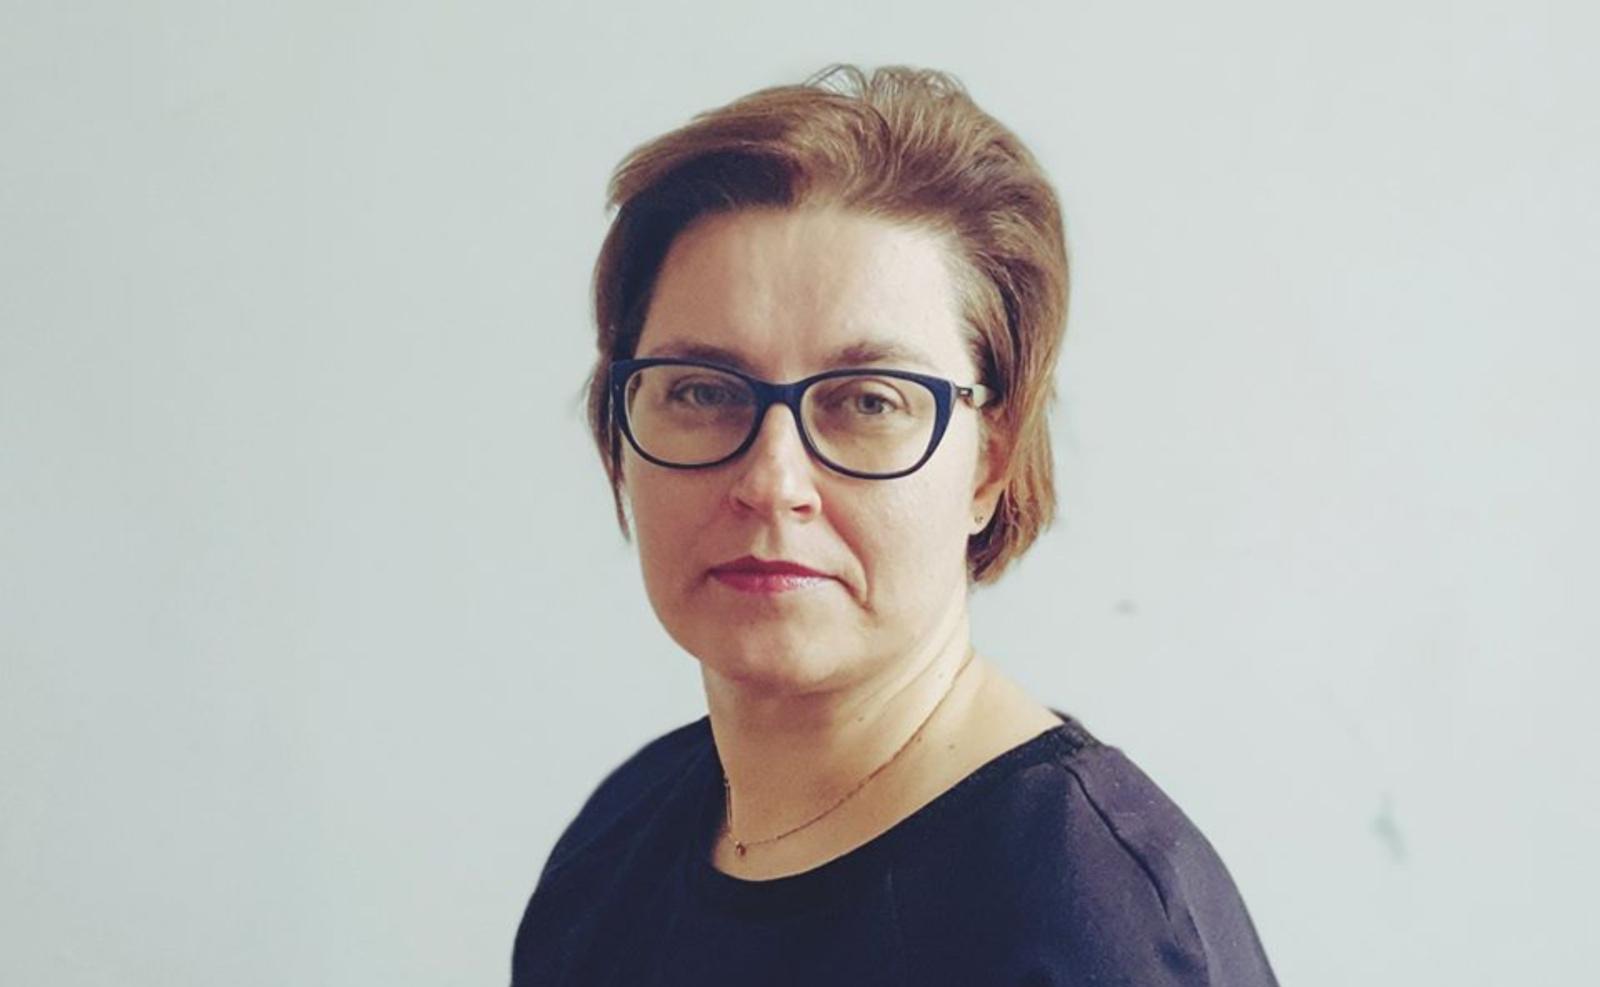 Kauno Vytauto Didžiojo karo muziejui vadovaus R. Malinauskienė